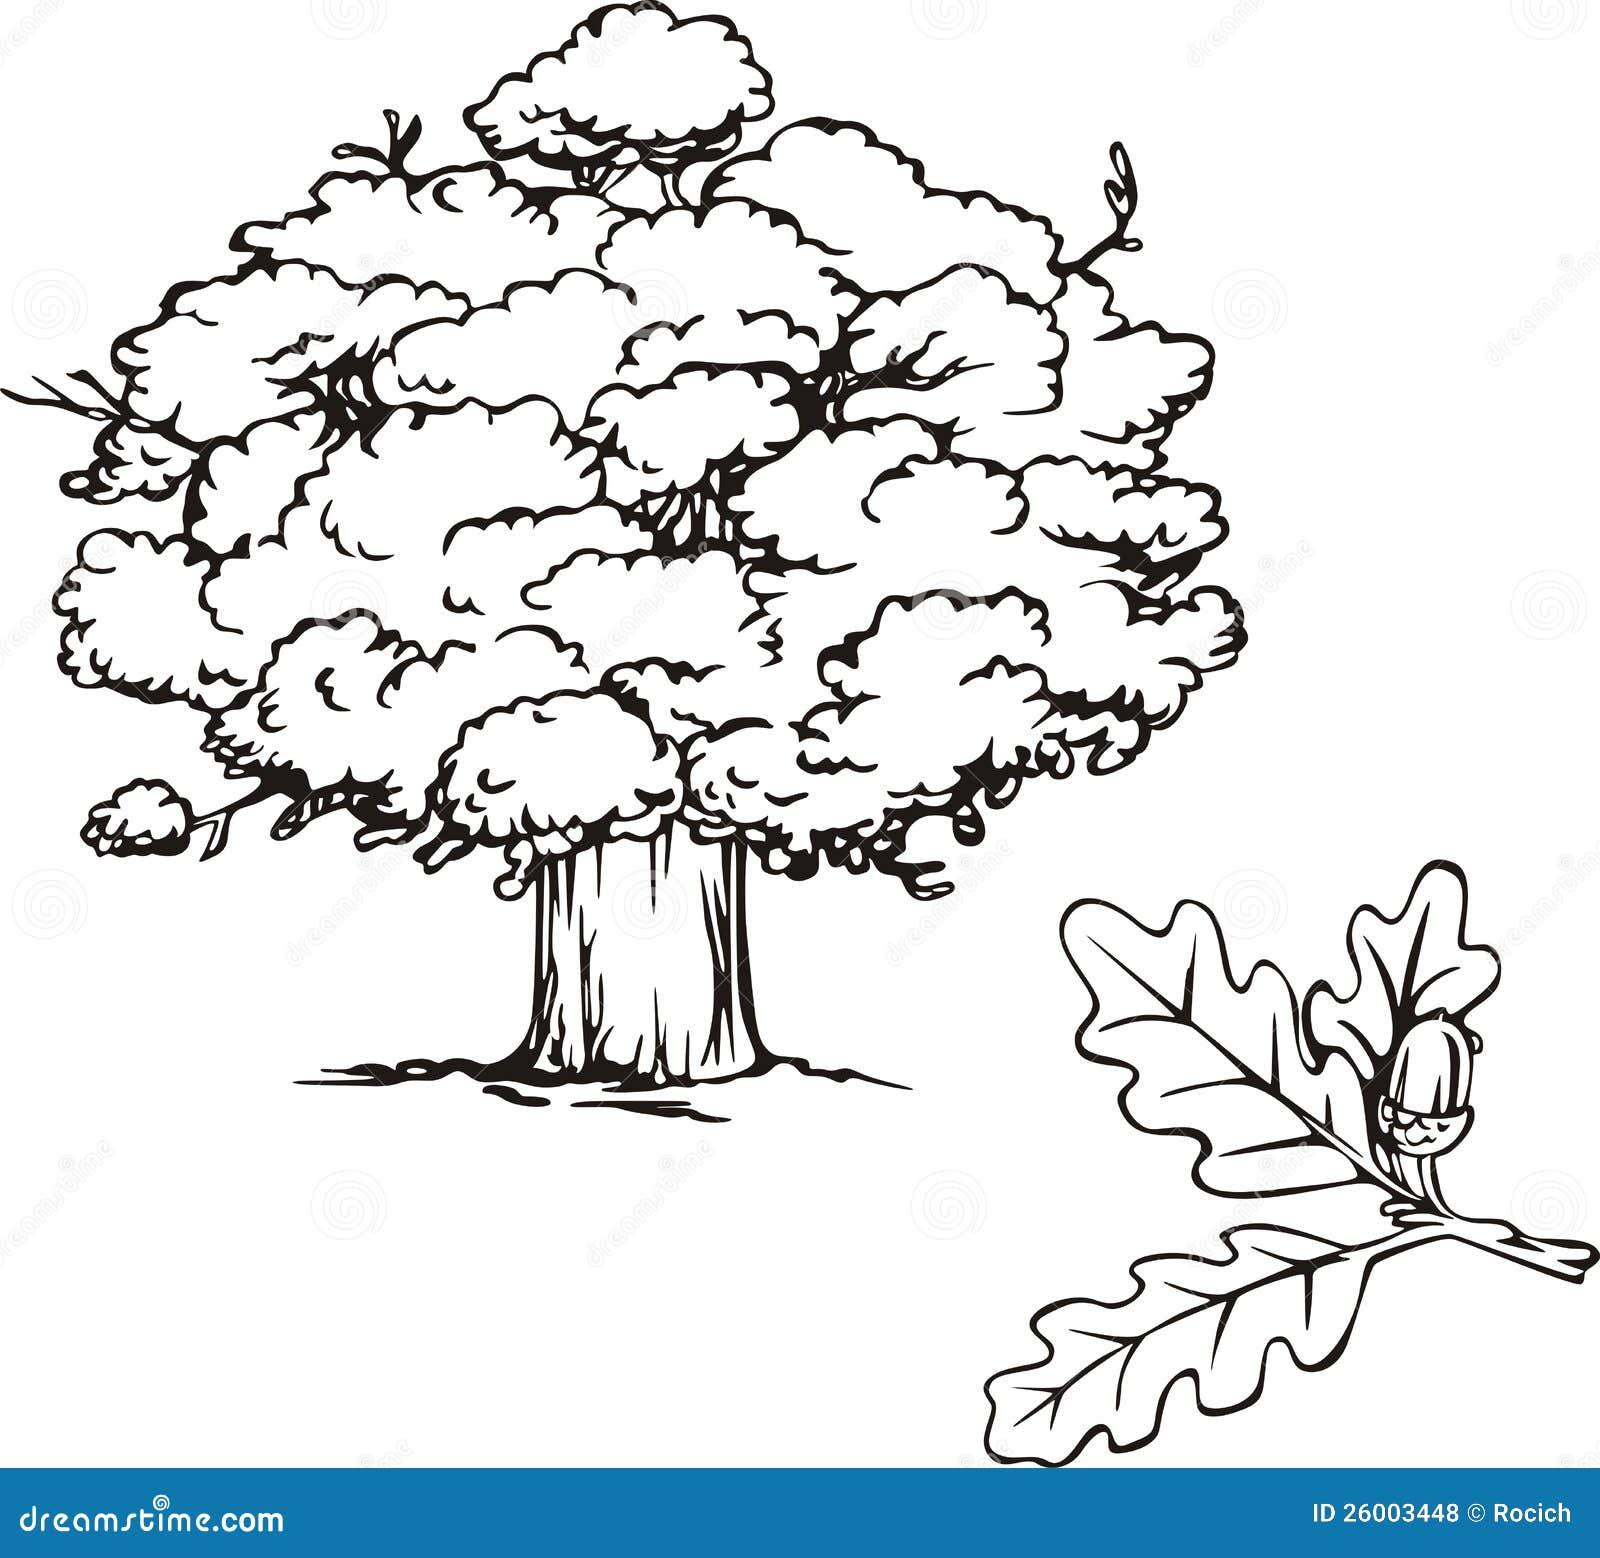 Рисунок дерева дуба с желудями 2